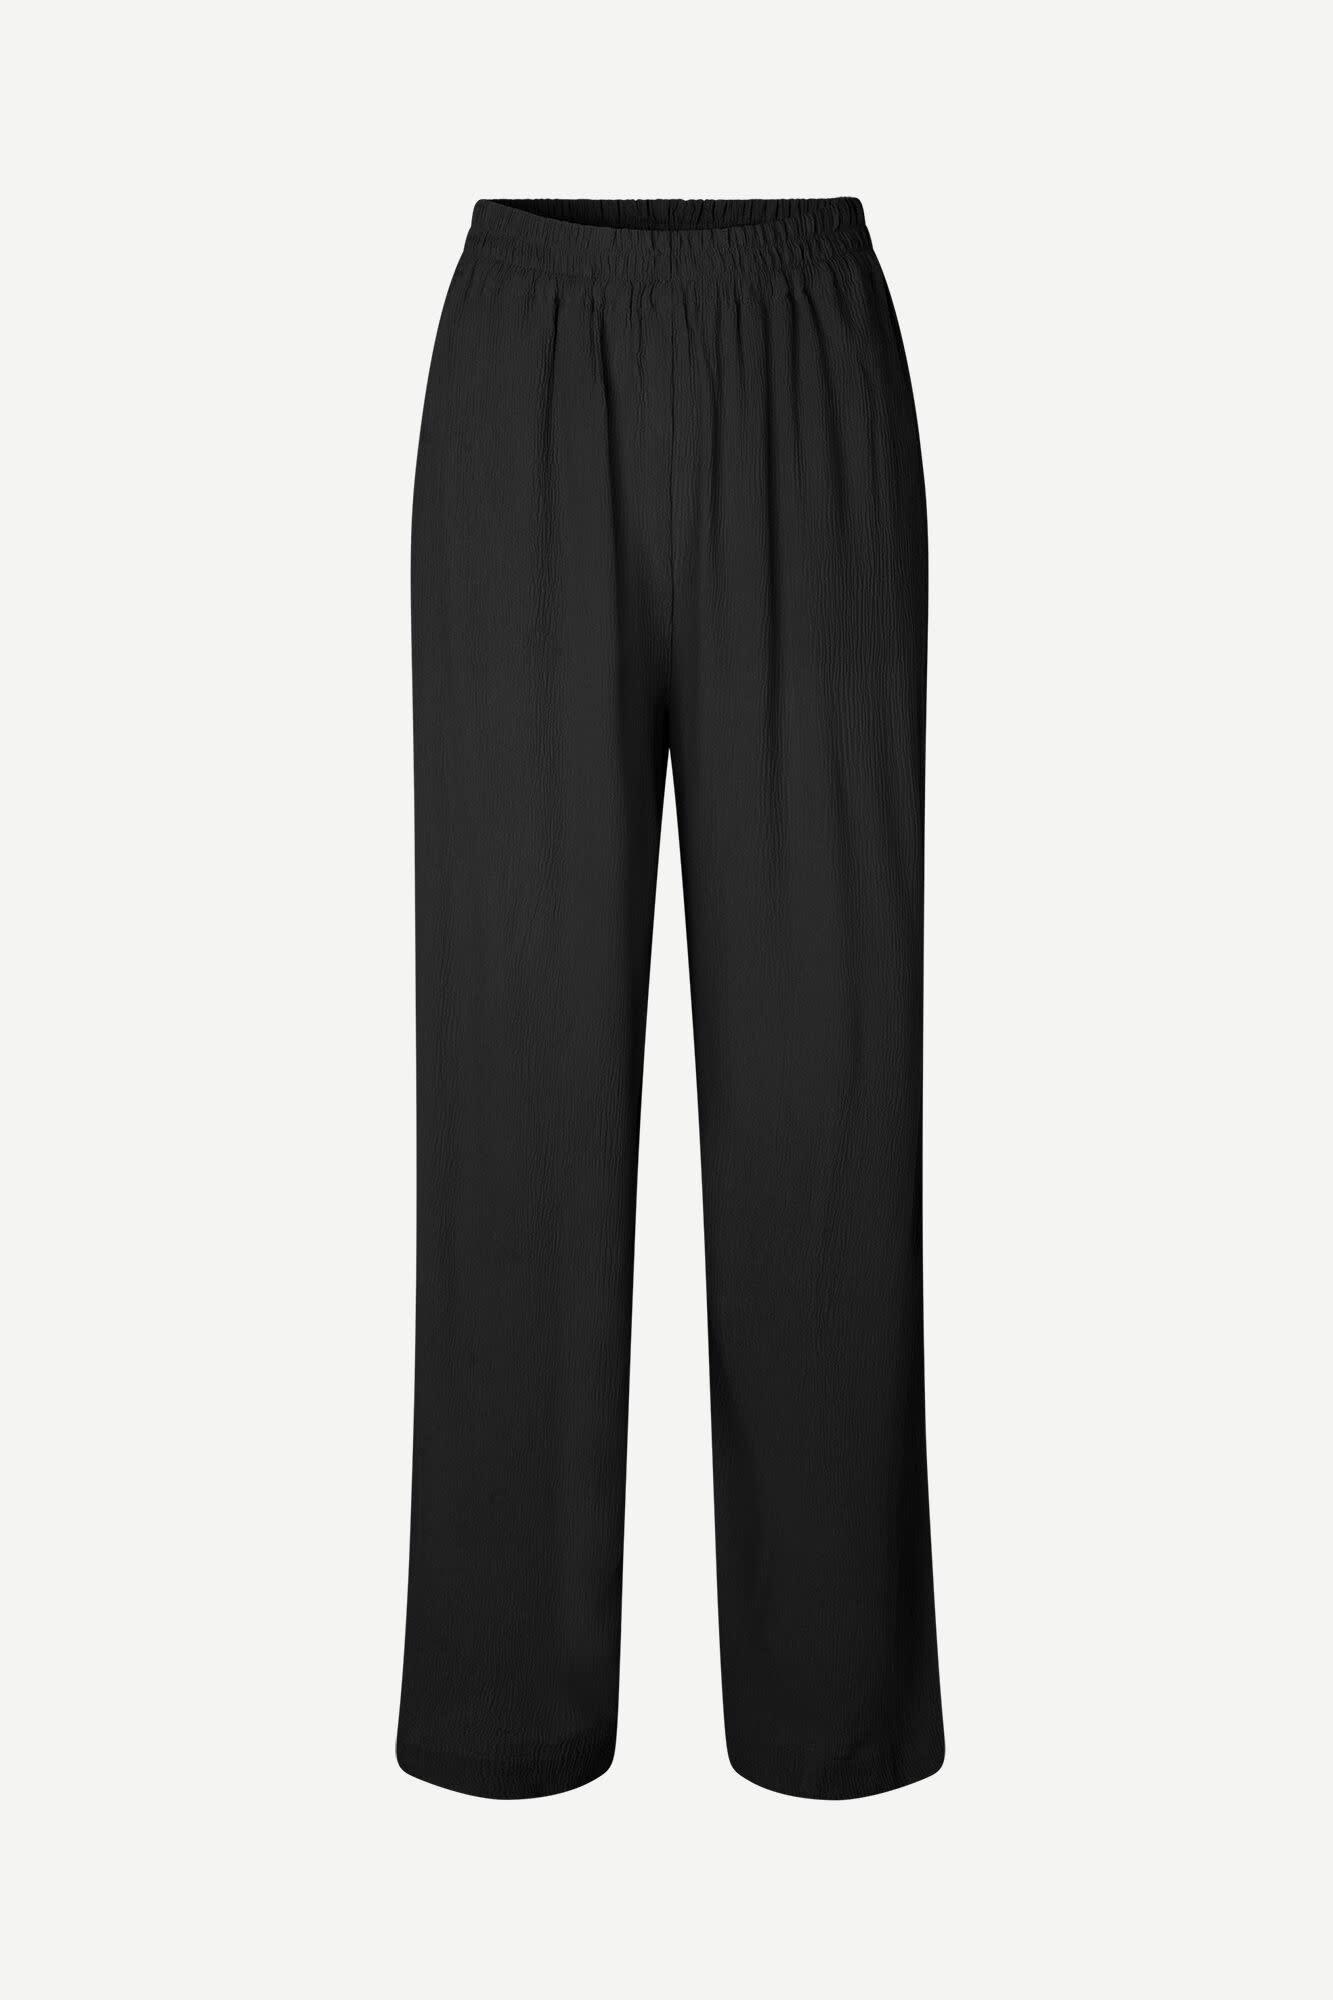 Gedione Pants Black-2